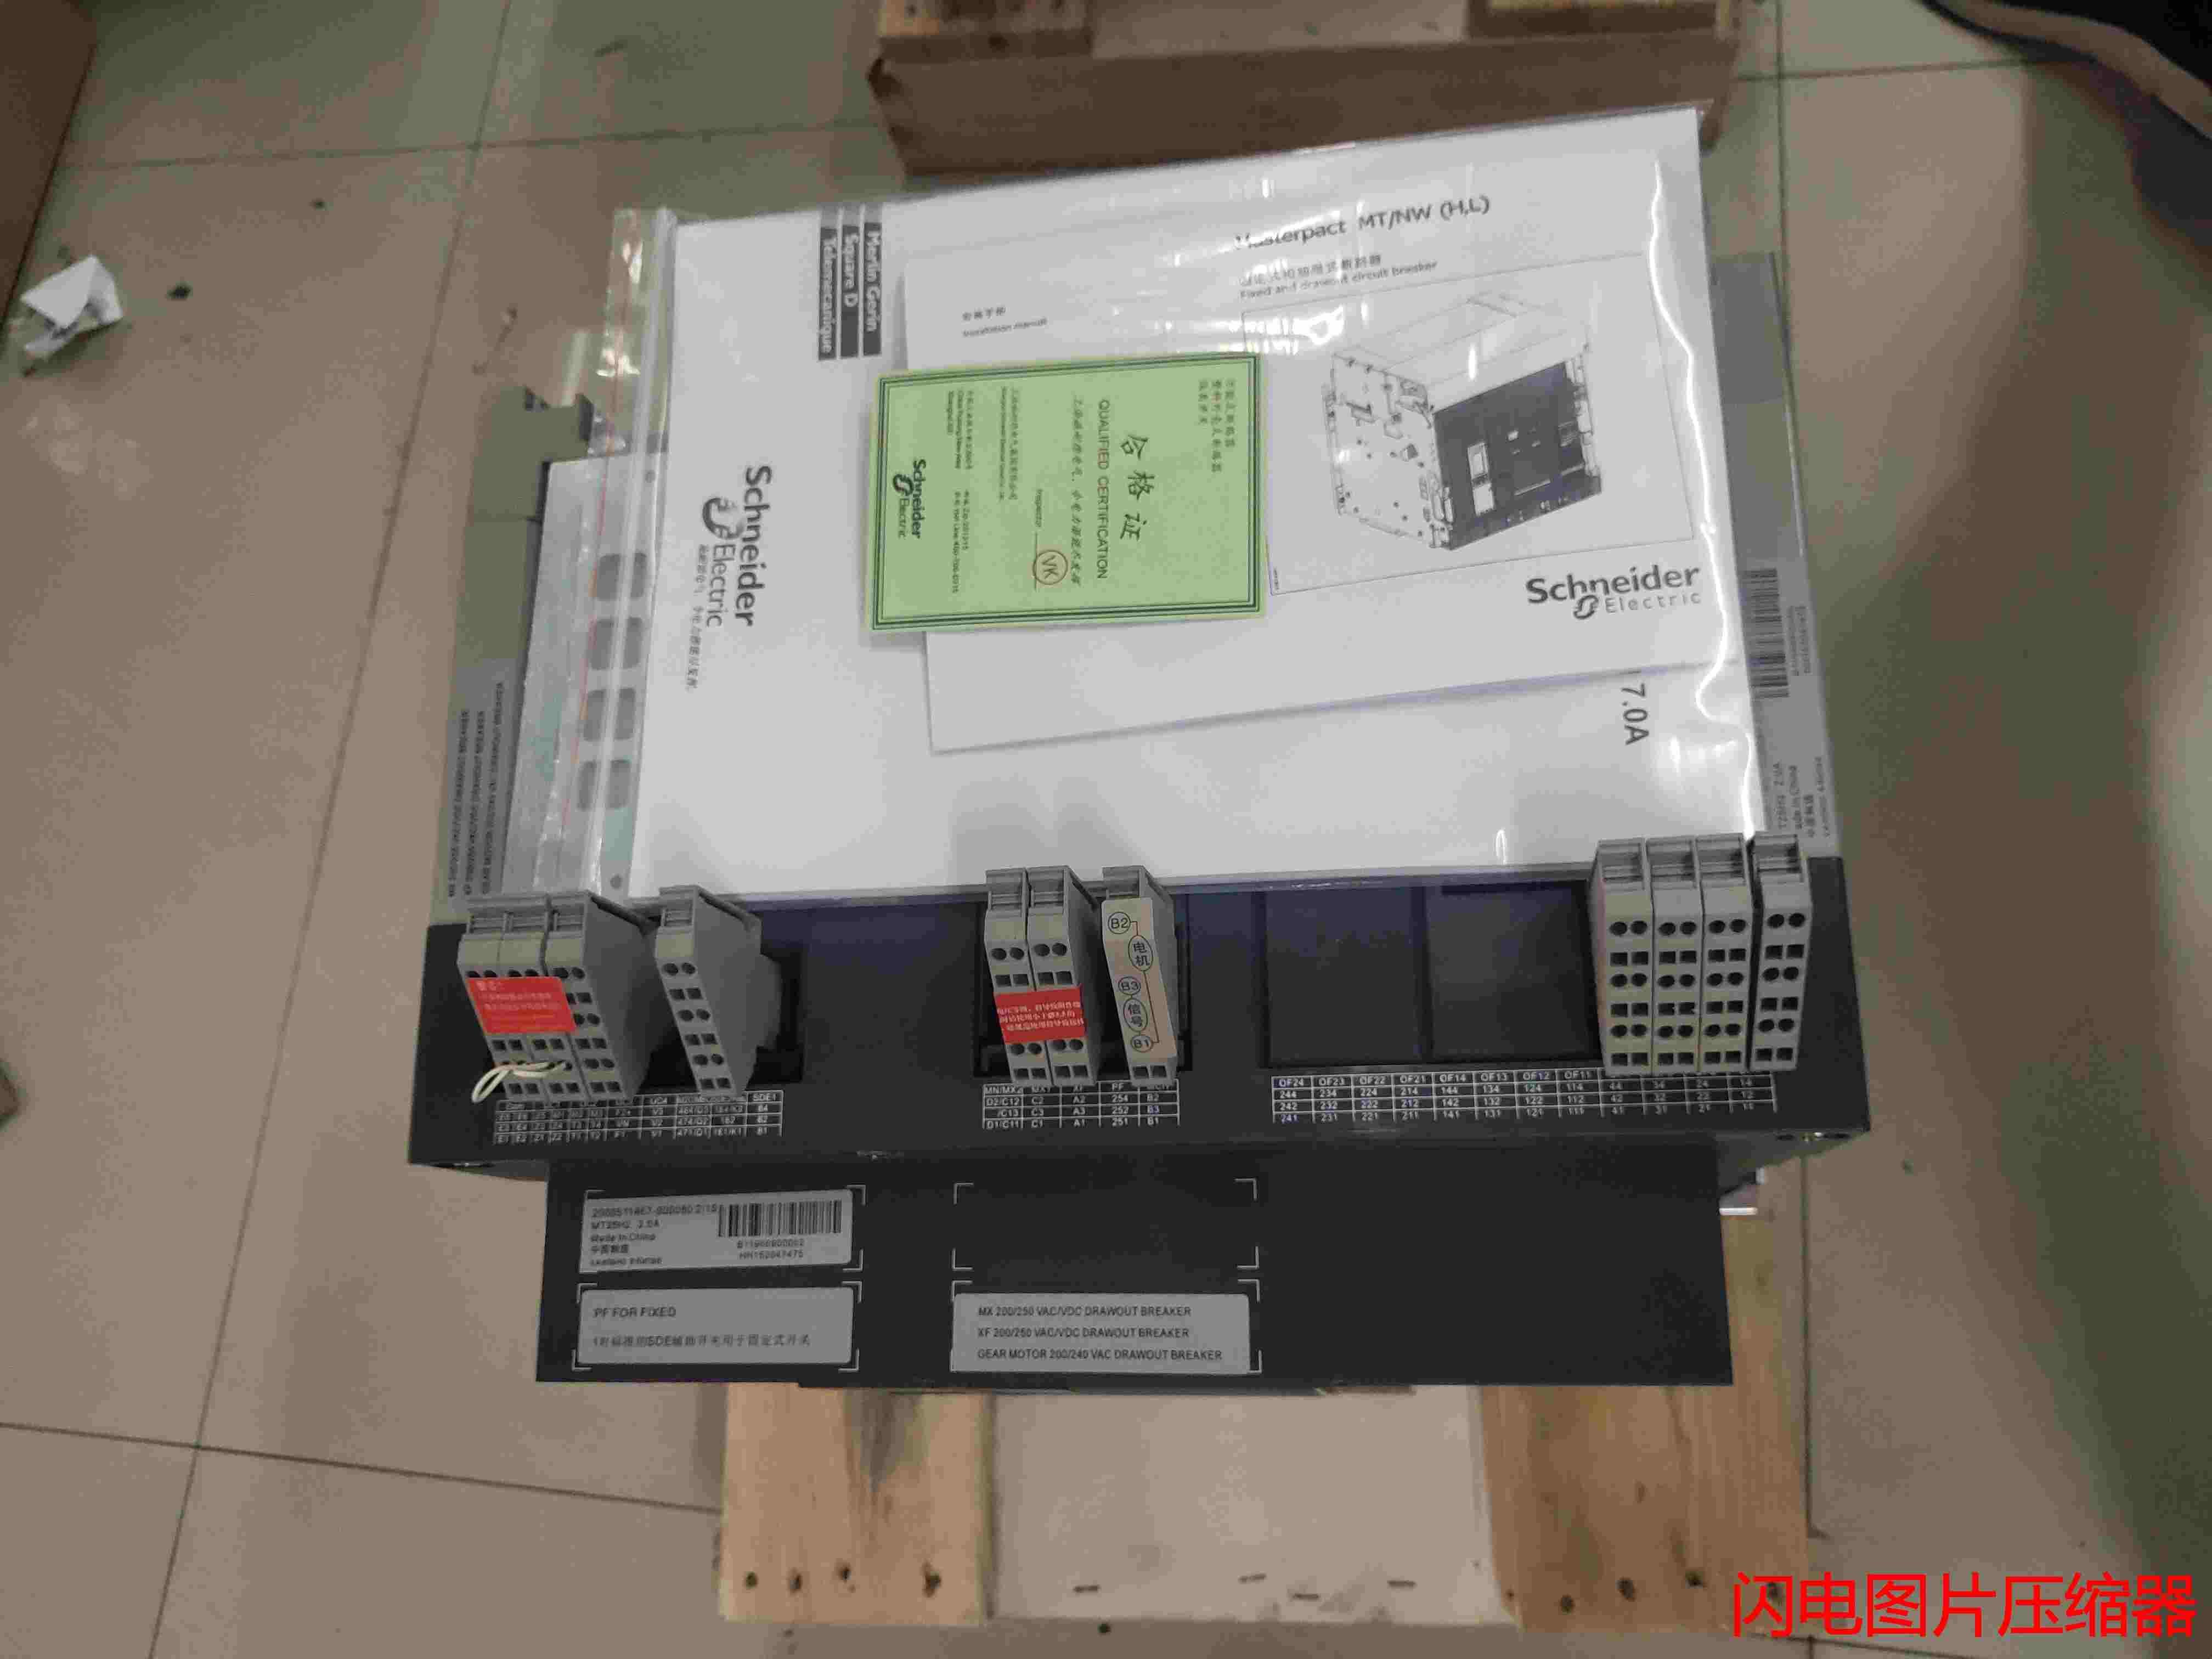 代理销售施耐德MT40 H2 4P F MIC 5.0P 2500A断路器